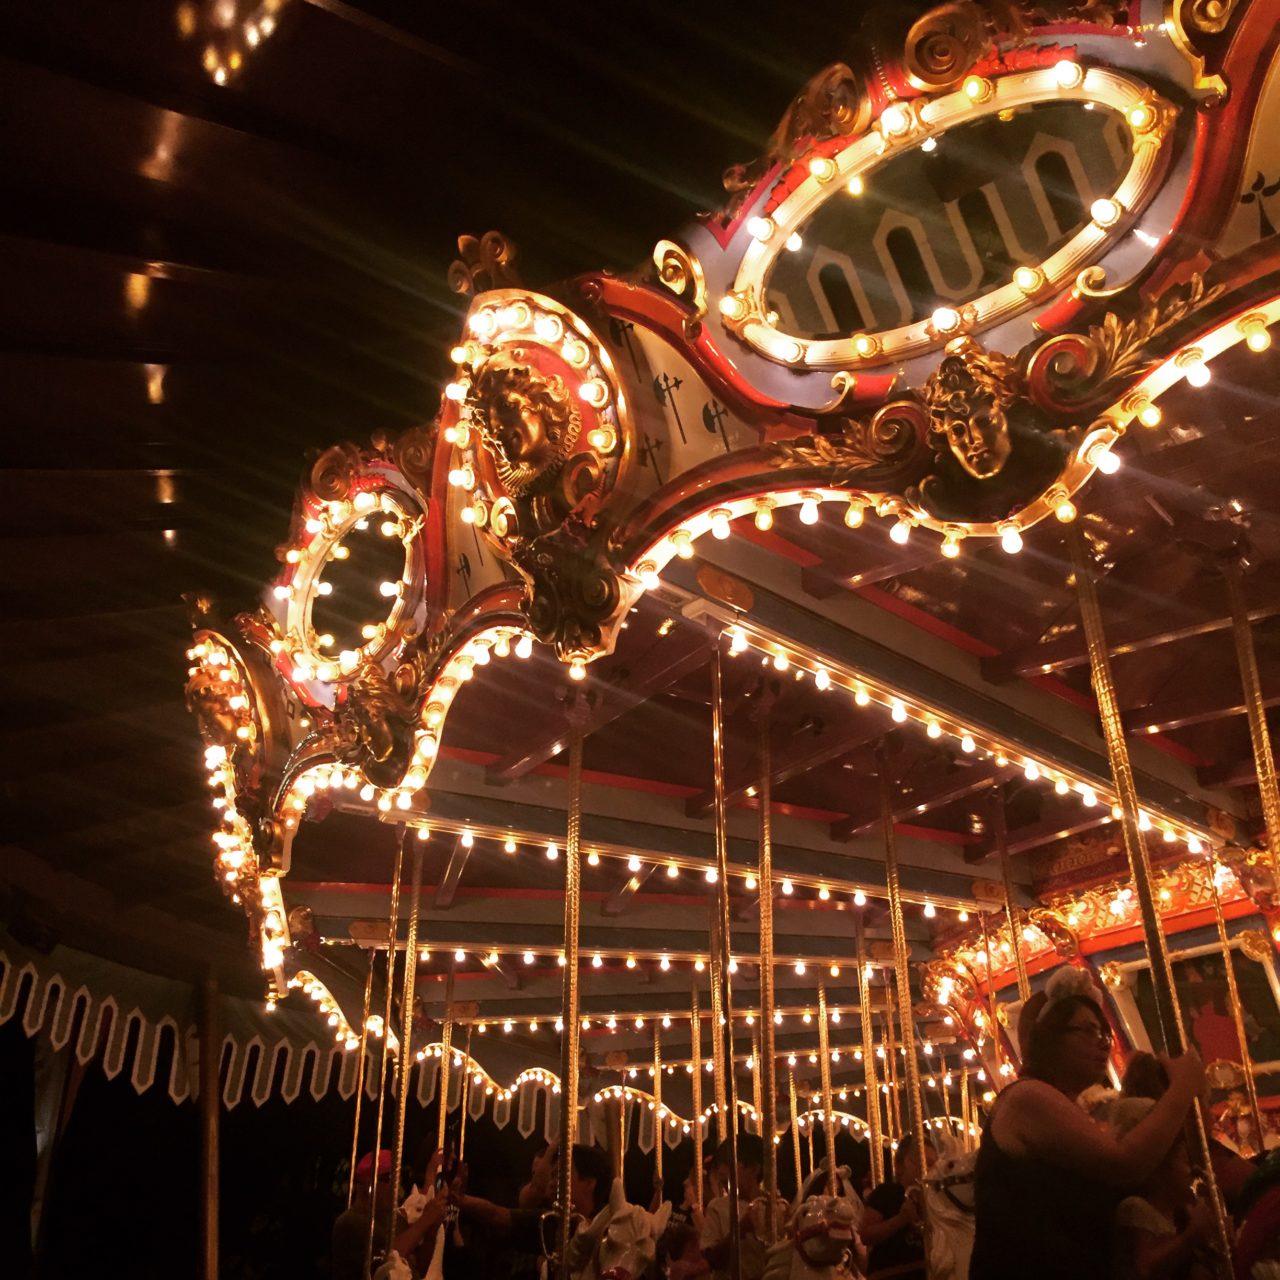 King Arthur's Carousel at night